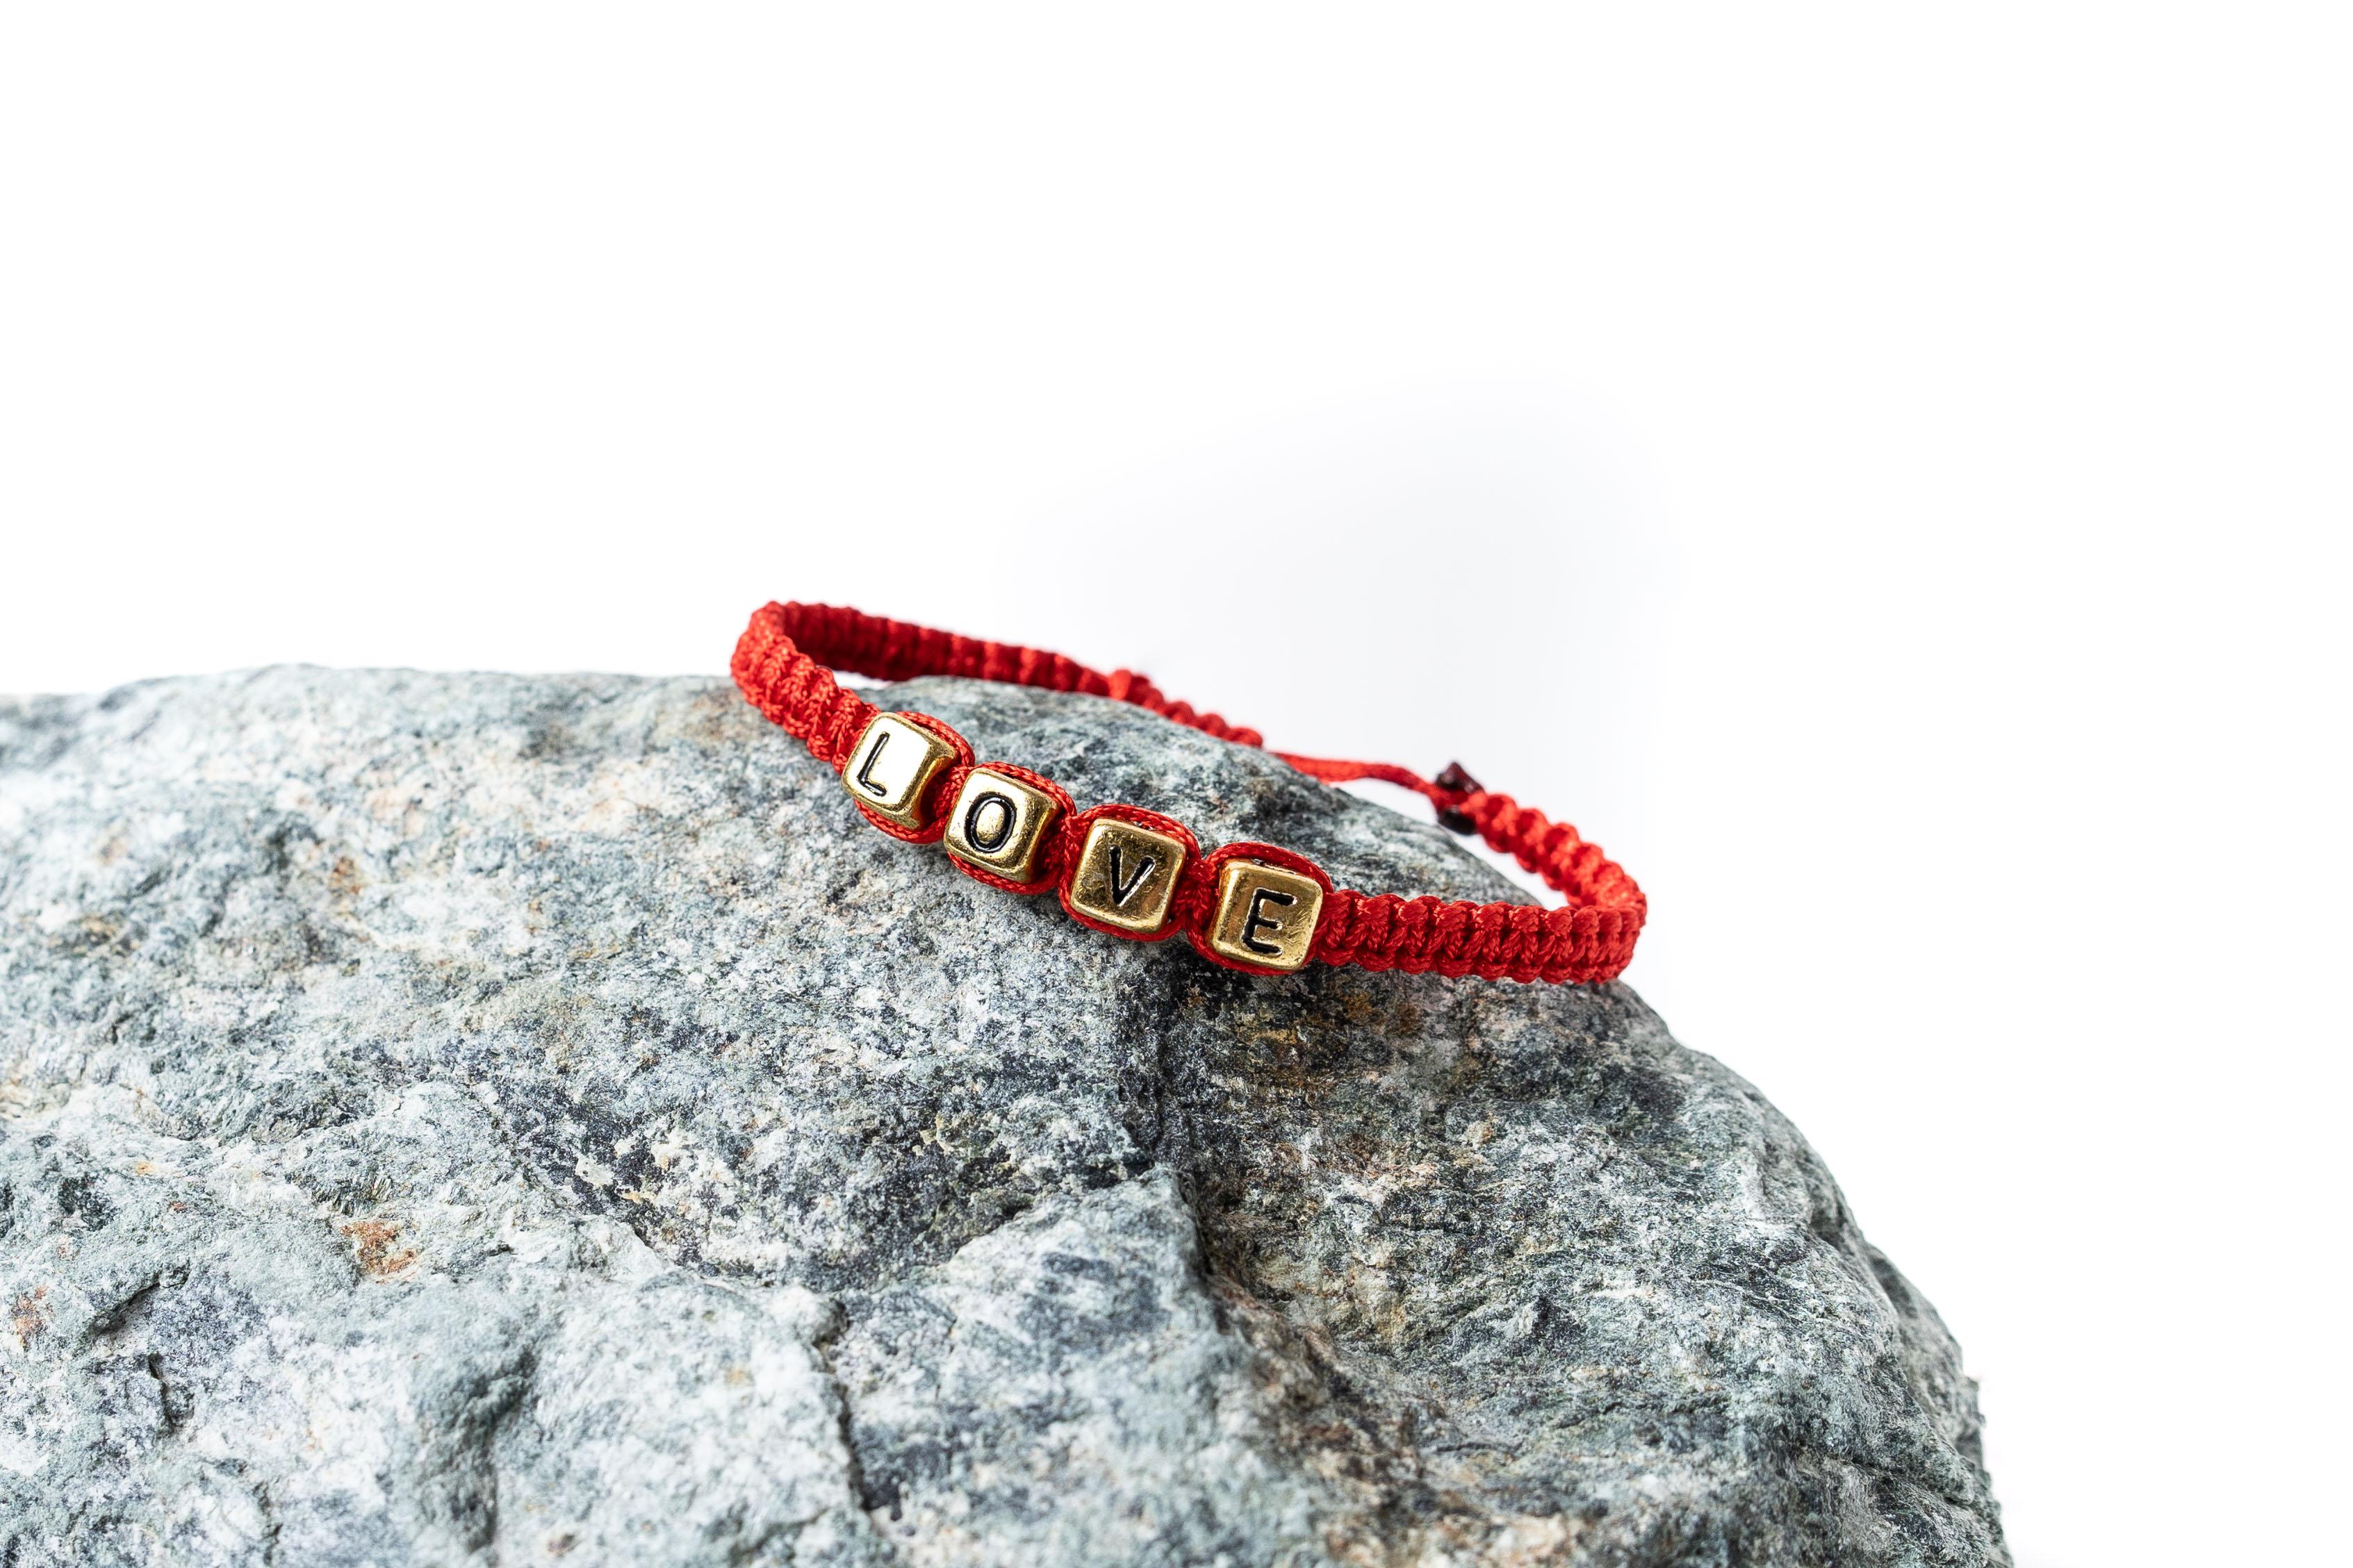 Červený macramé náramek - vlastní text Zlaté, Tenká šňůrka, Dámský náramek